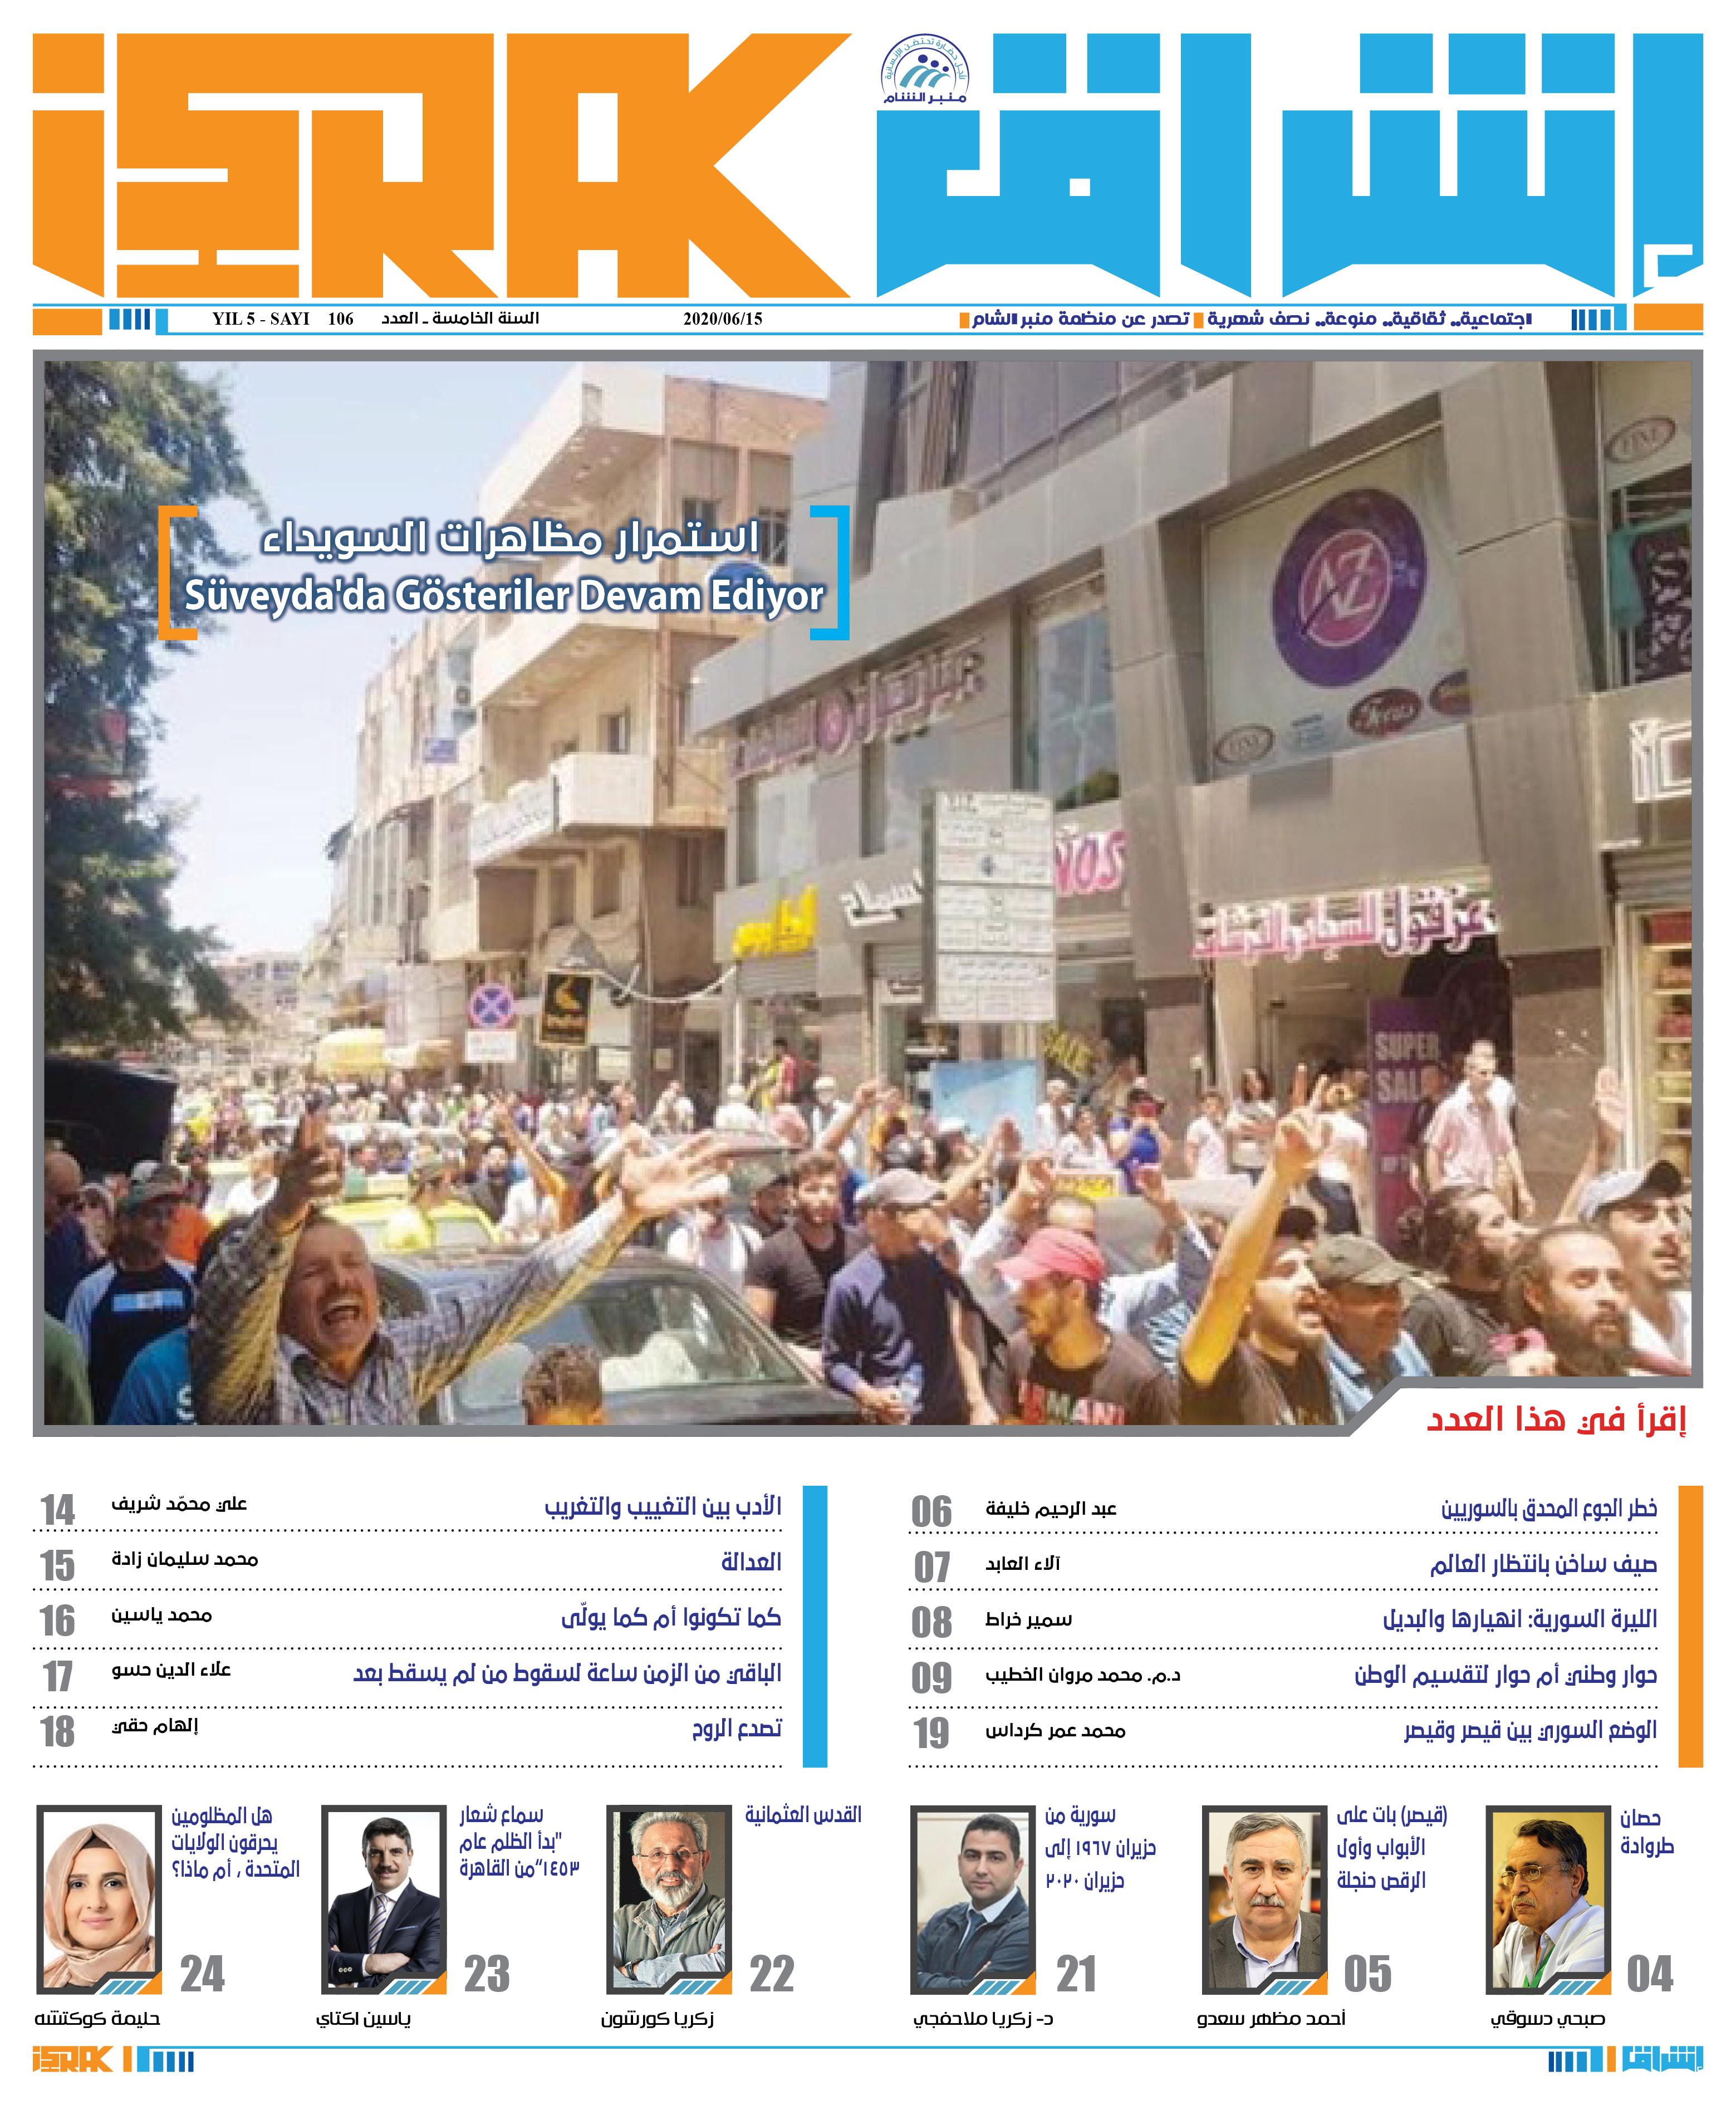 İŞRAK 106